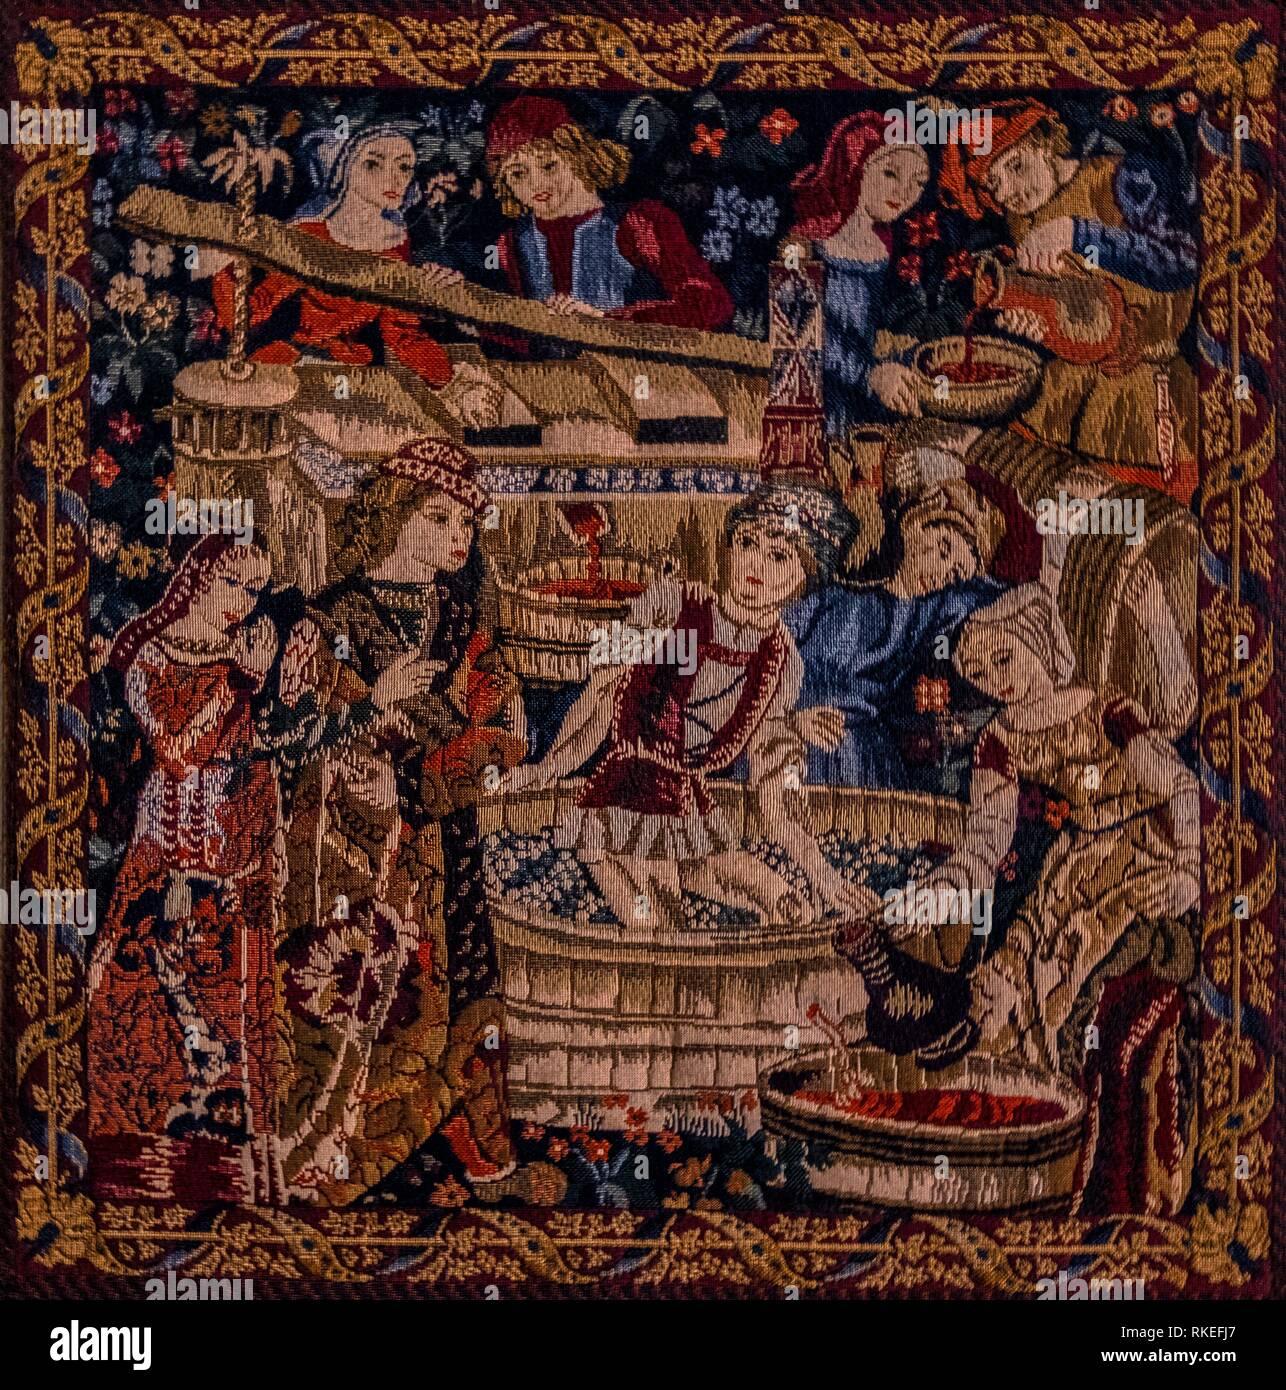 Frankreich, Teppich, 15. Jahrhundert, die für die Weinbereitung. Stockbild